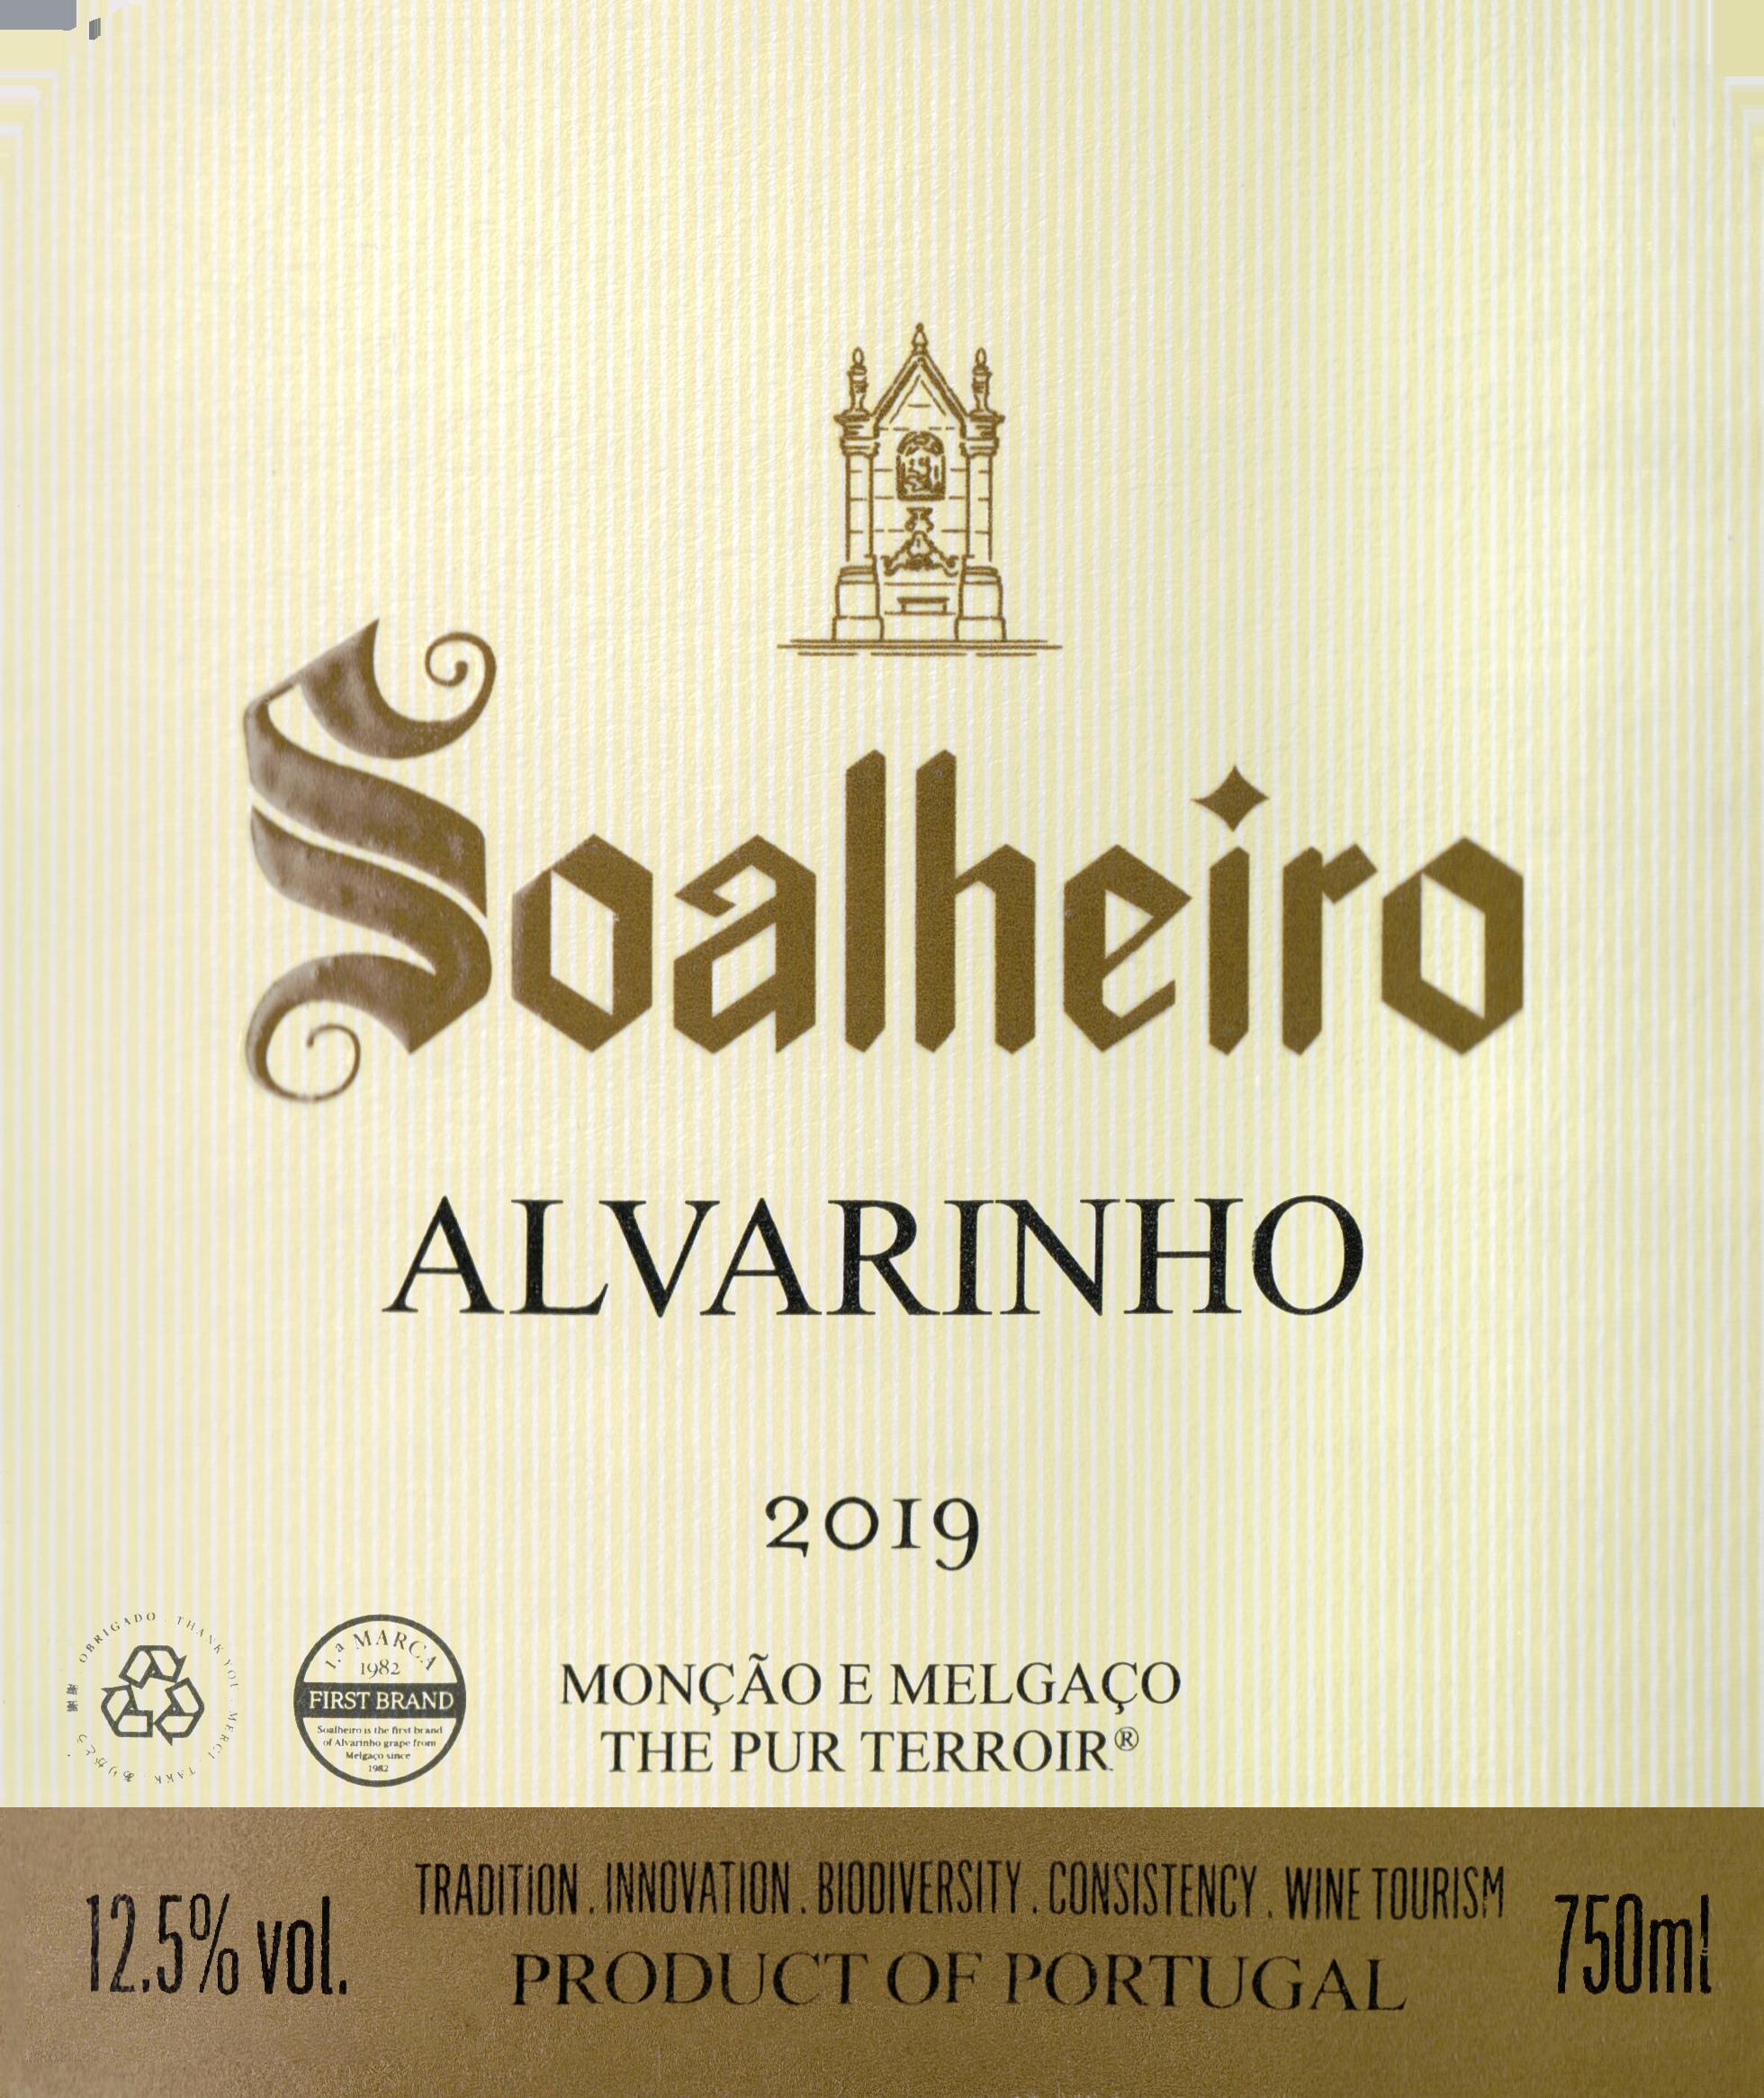 Quinta De Soalheiro Alvarinho 2019